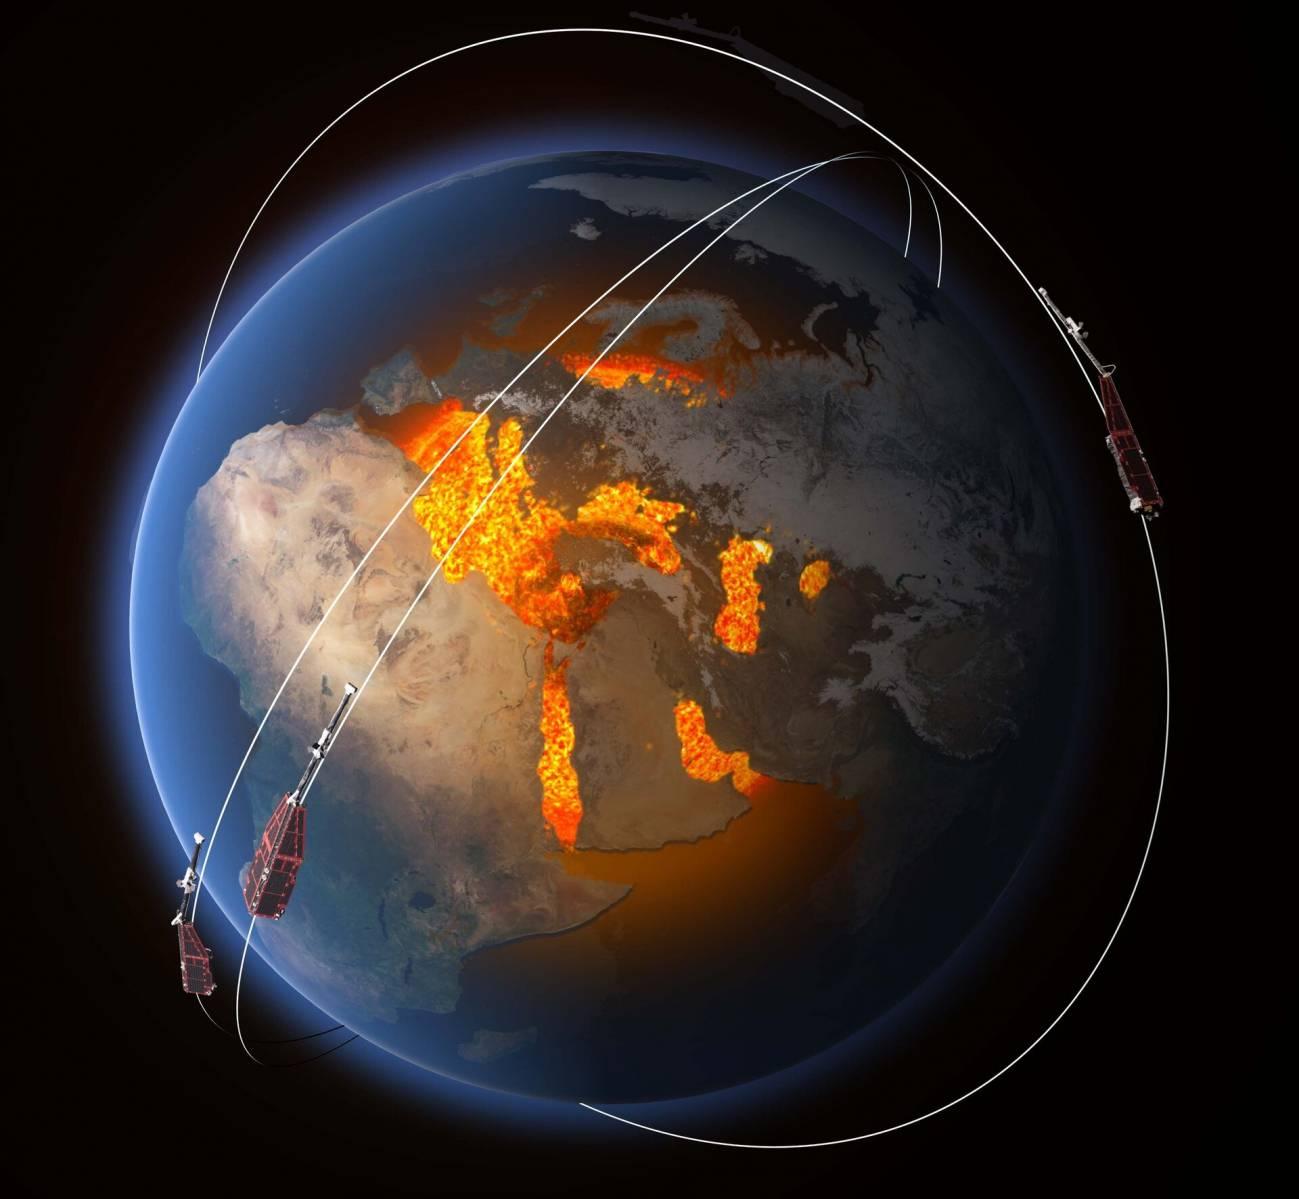 Constelación de satélites Swarm. / ESA/ATG Medialab